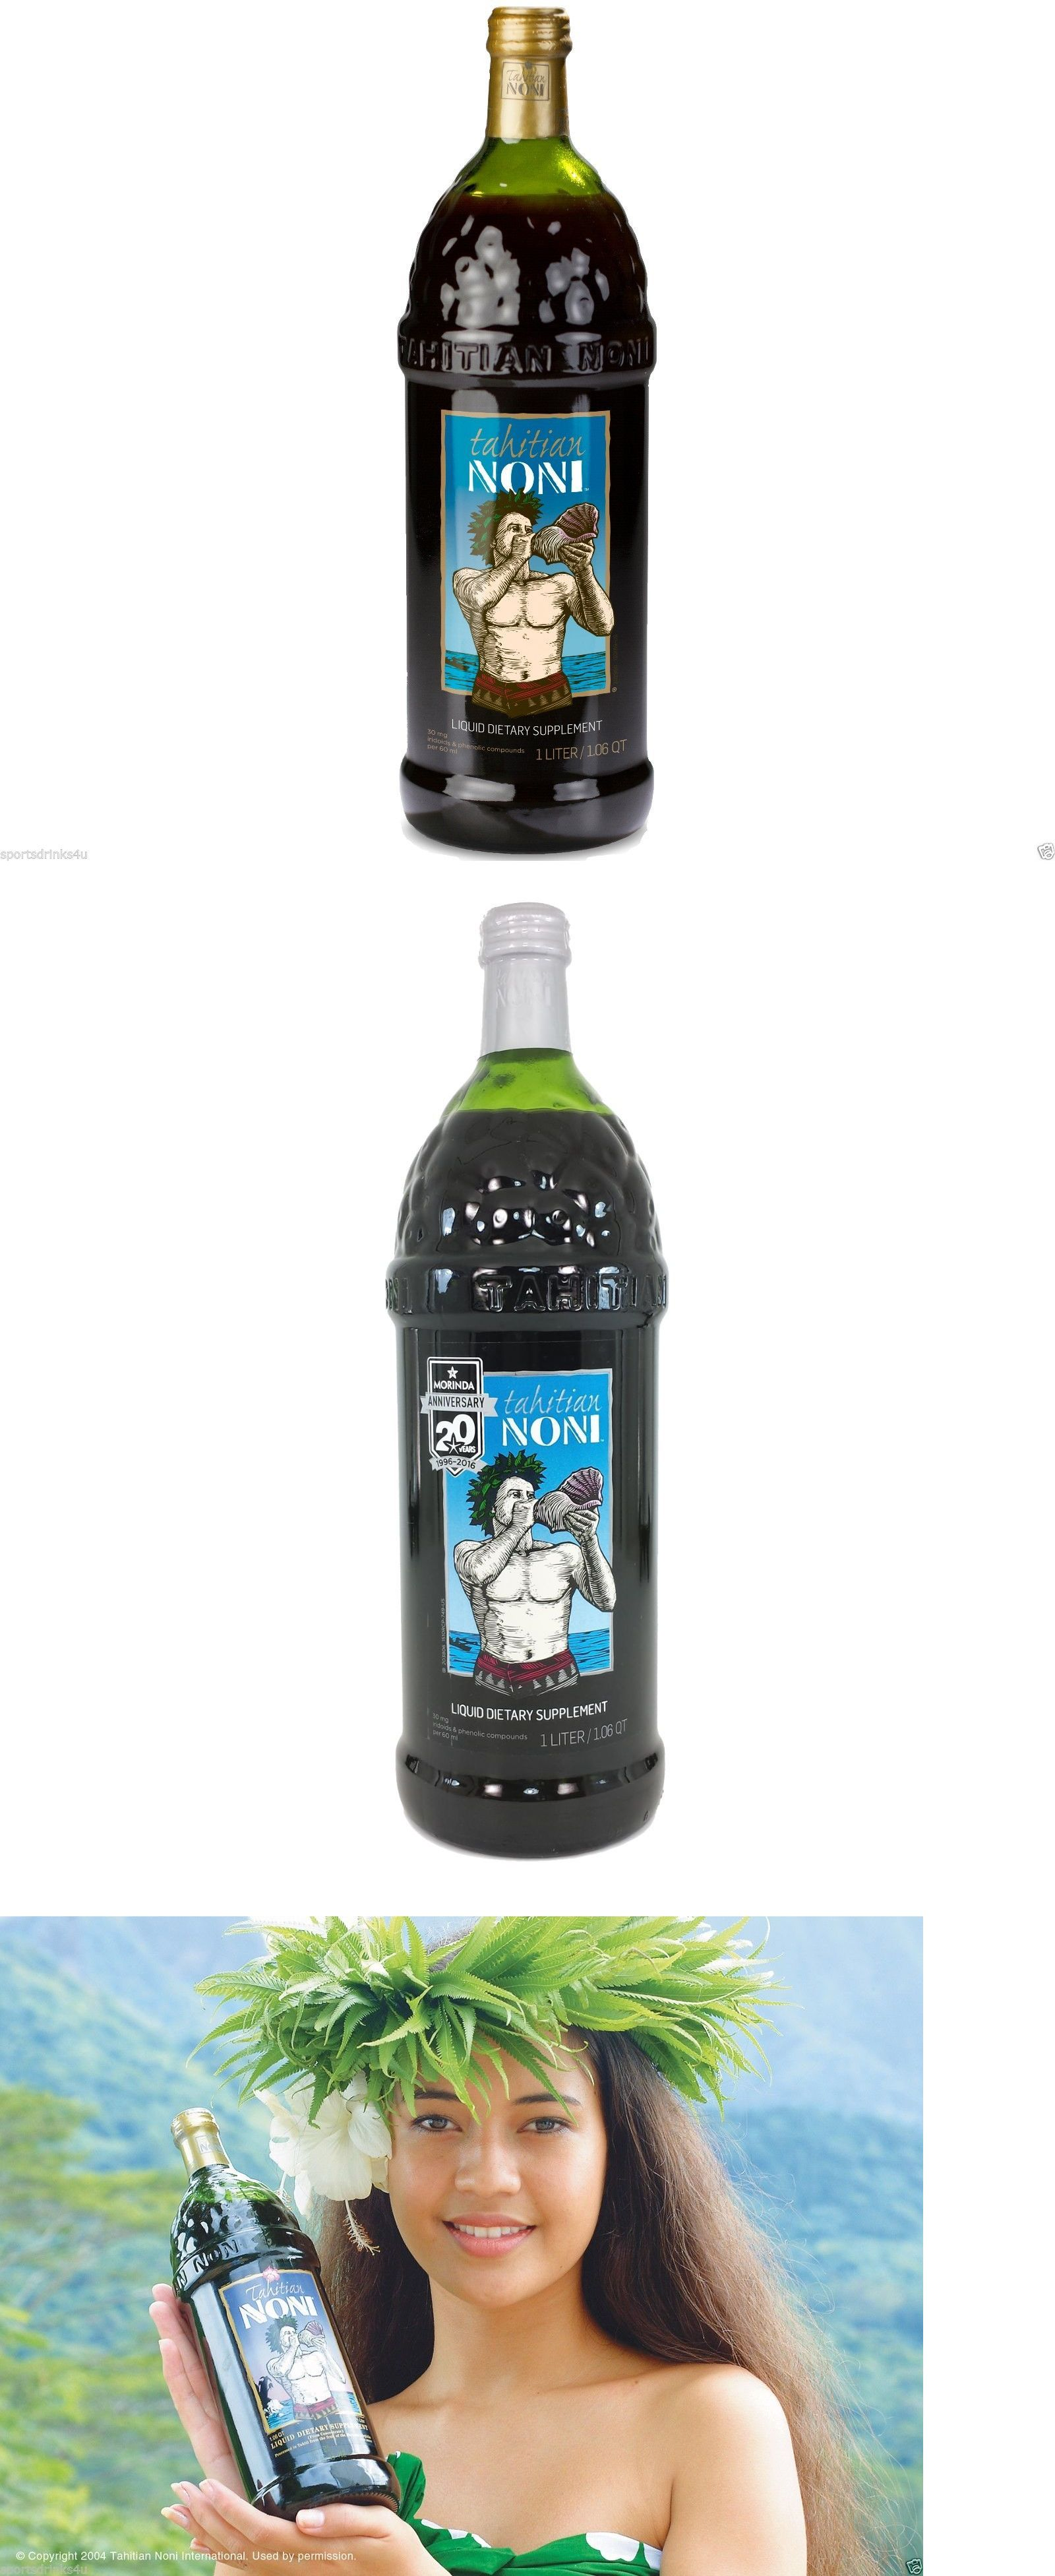 Harga Tahitian Noni Original Ter Terbaru 2018 1 Botol Juice Ltr Terkini Dan Terlengkap Indonesia Energy Bars Shakes And